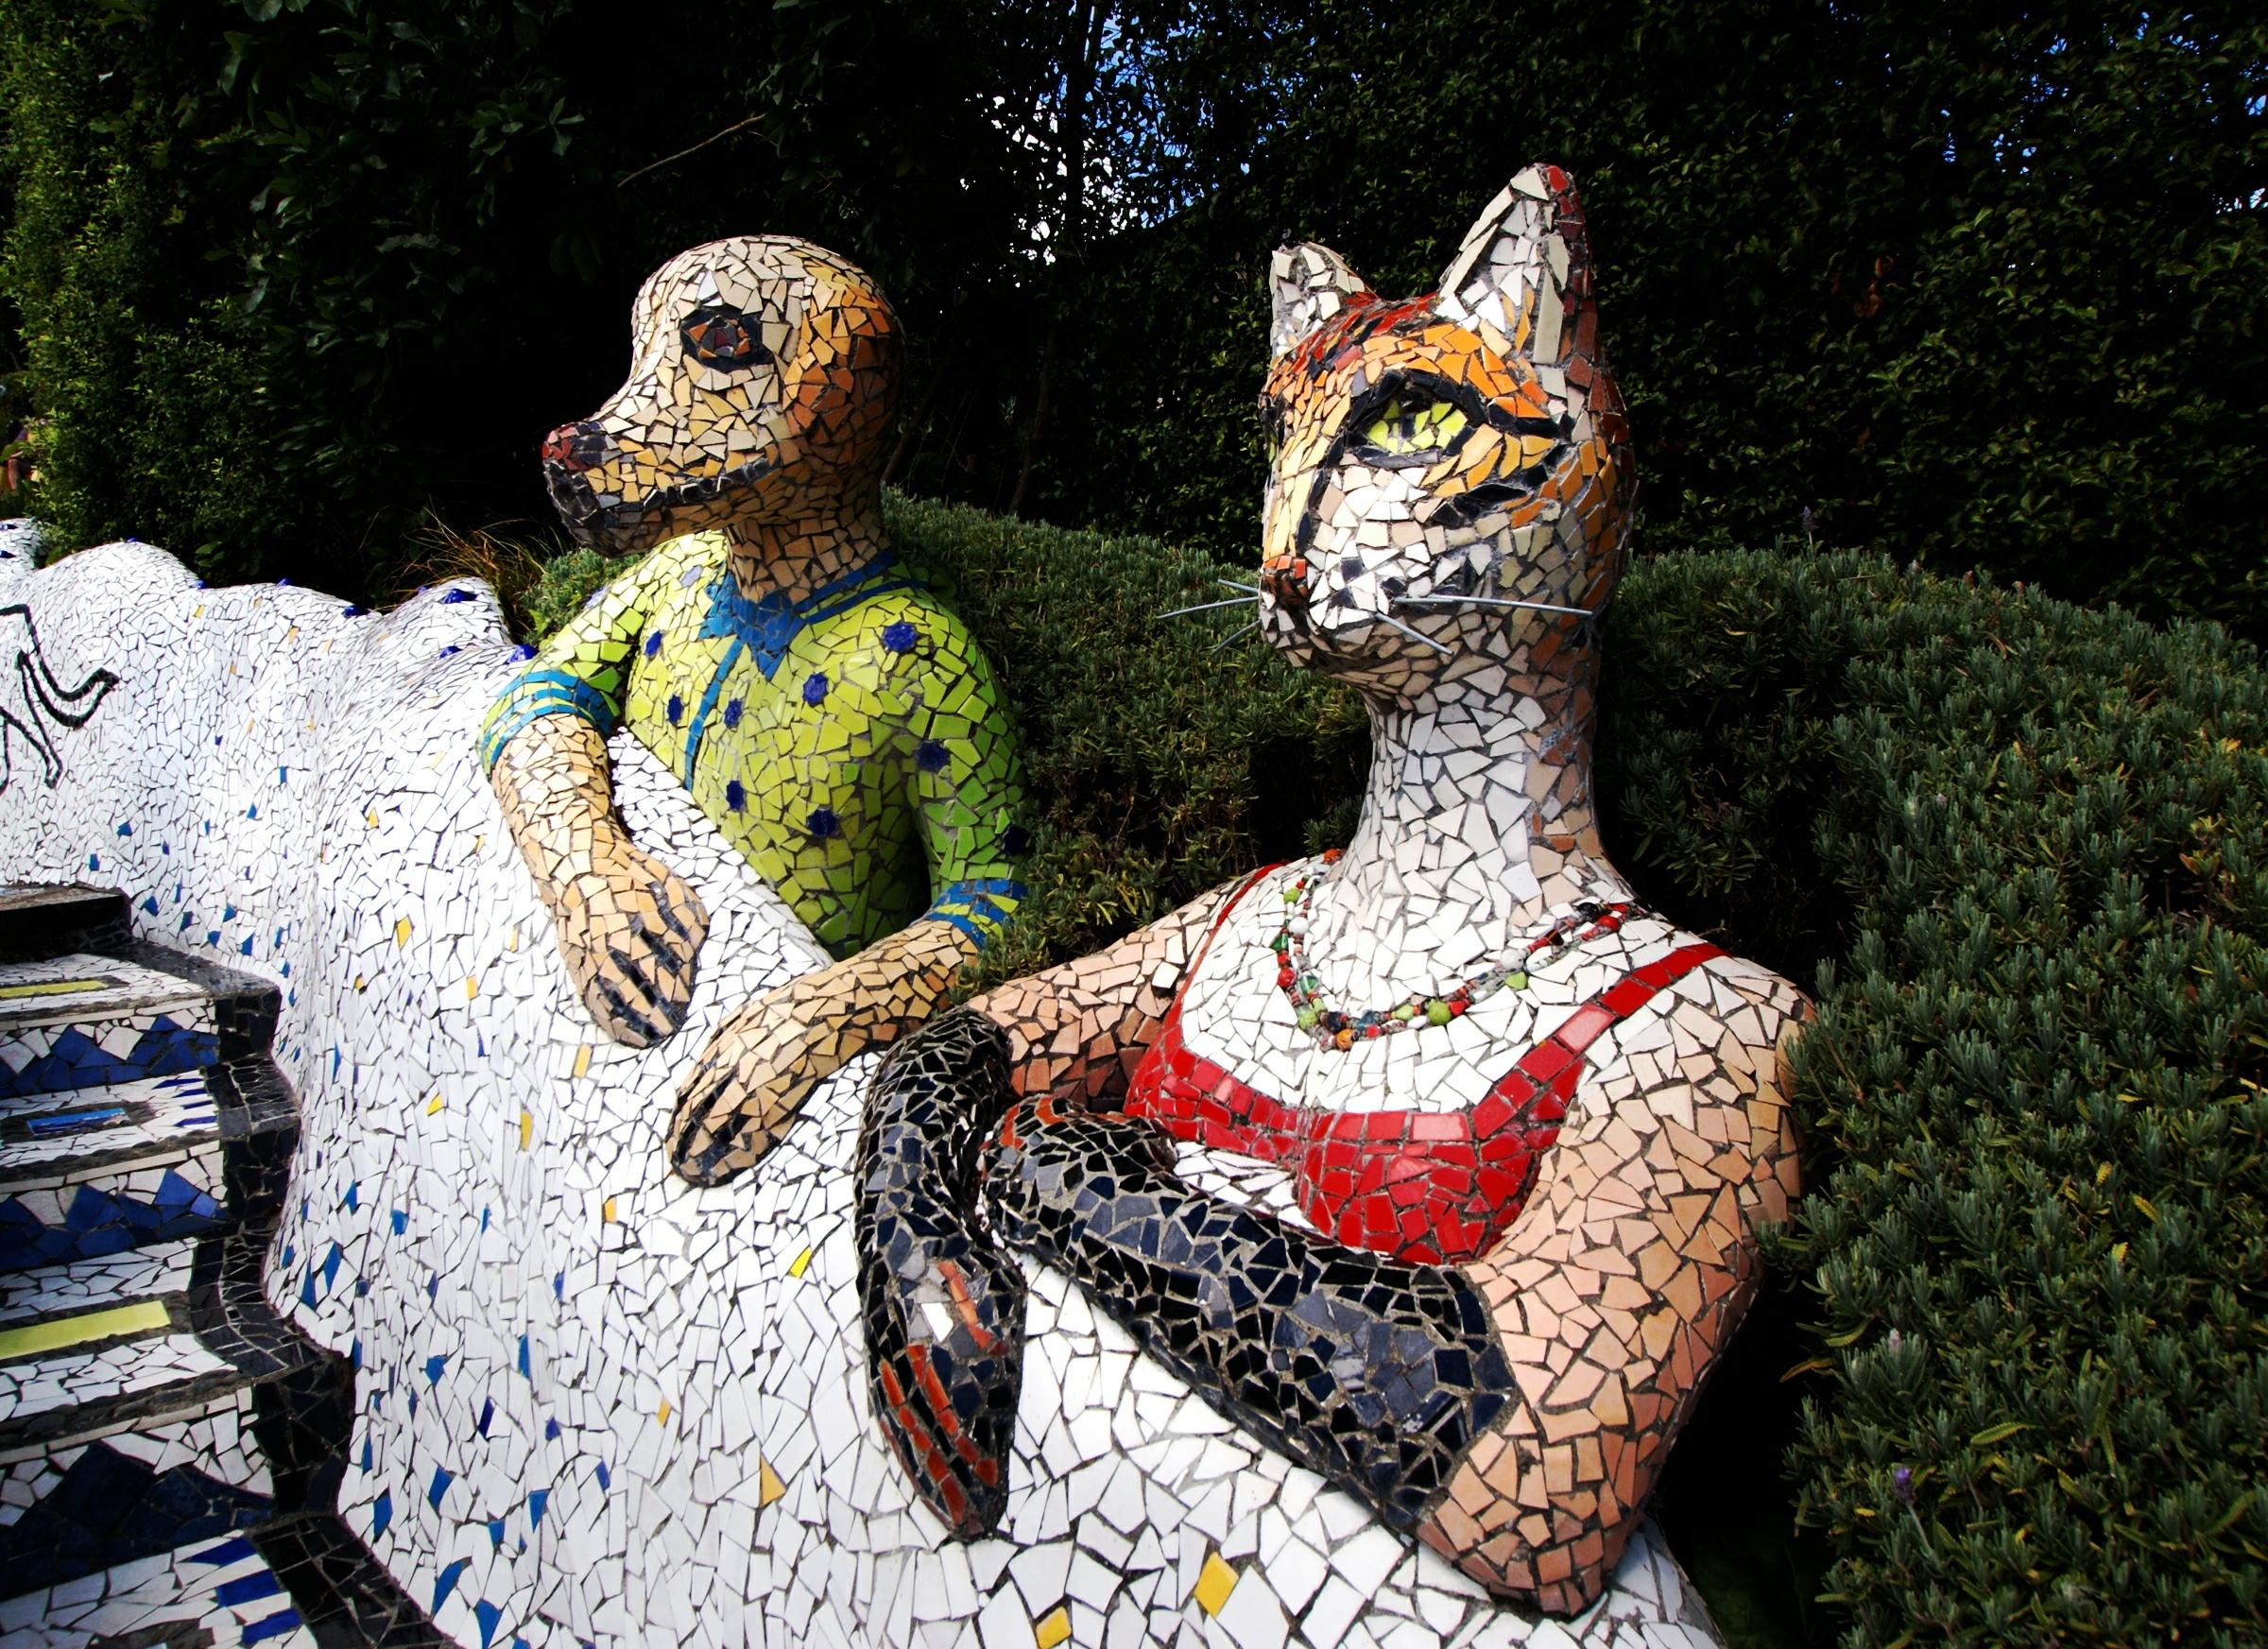 piggyandcat garden pig statue sleeping product outdoor narspi cat